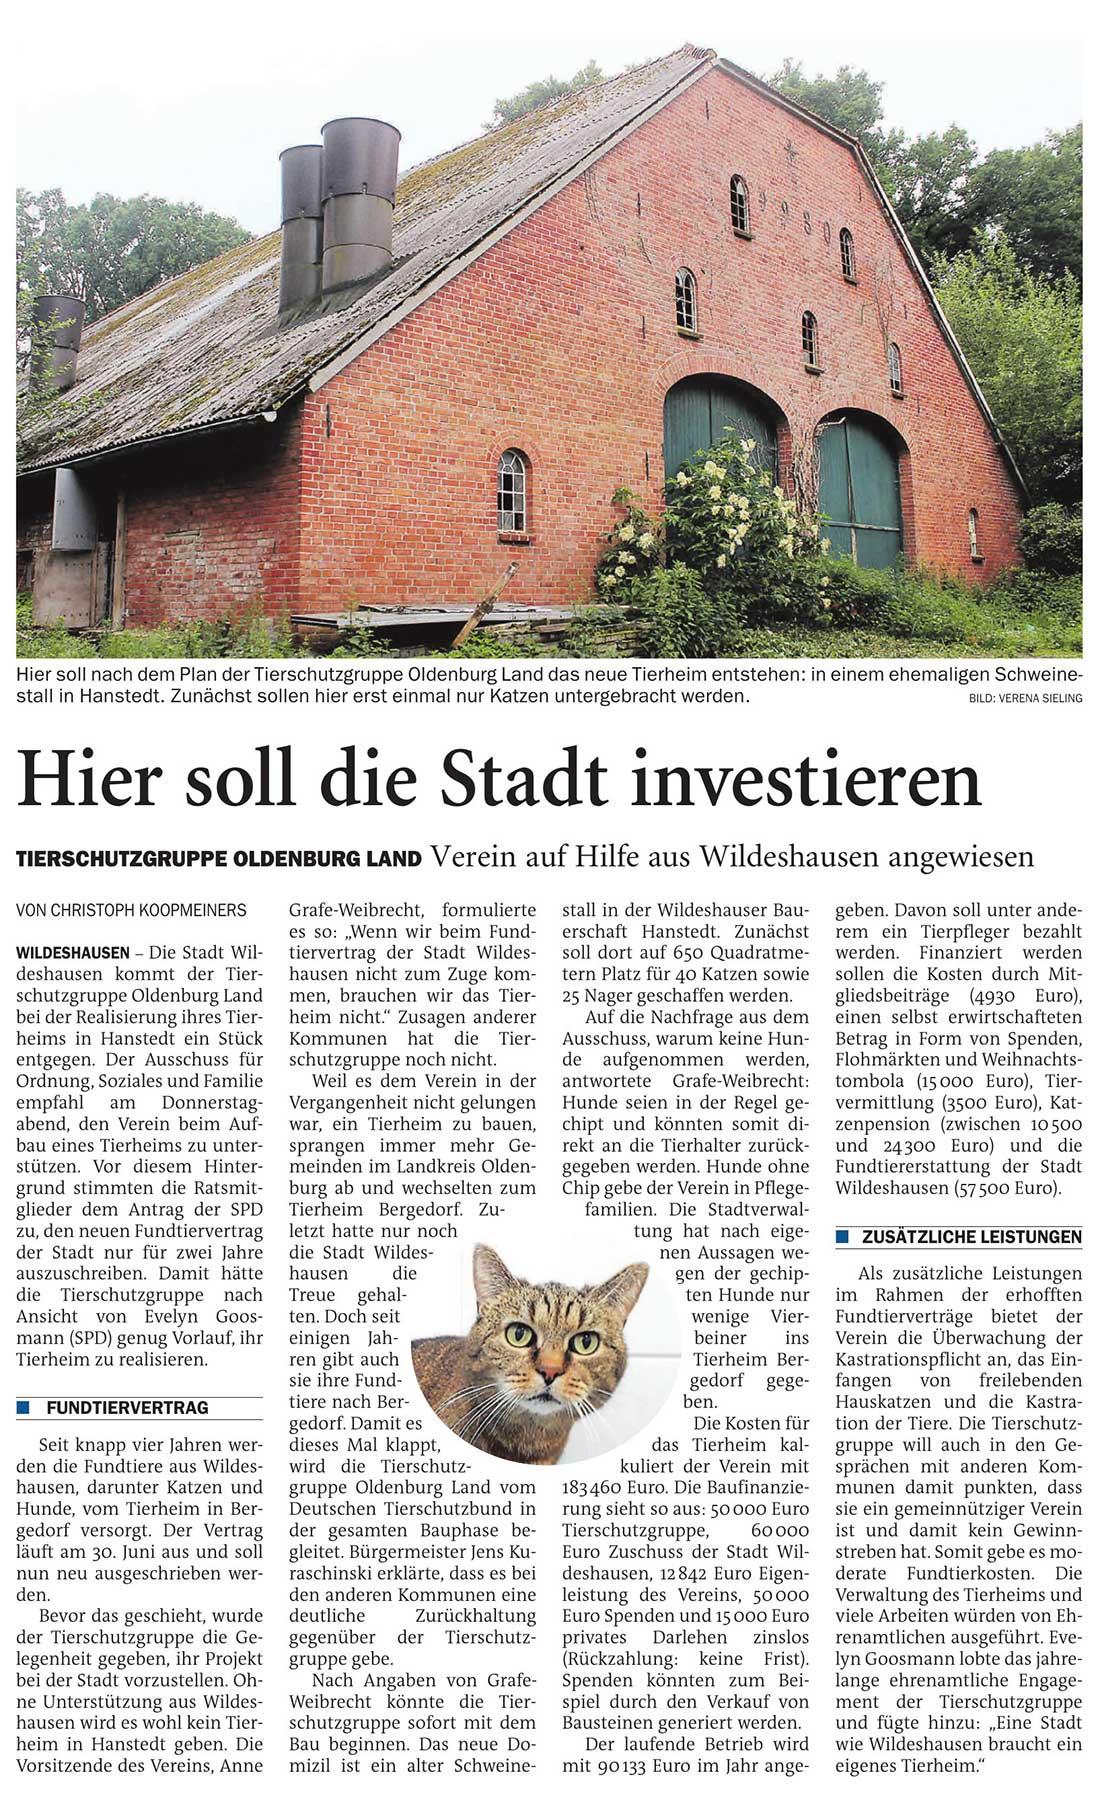 Hier soll die Stadt investierenTierschutzgruppe Oldenburg Land: Verein auf Hilfe aus Wildeshausen angewiesenArtikel vom 22.02.2021 (NWZ)